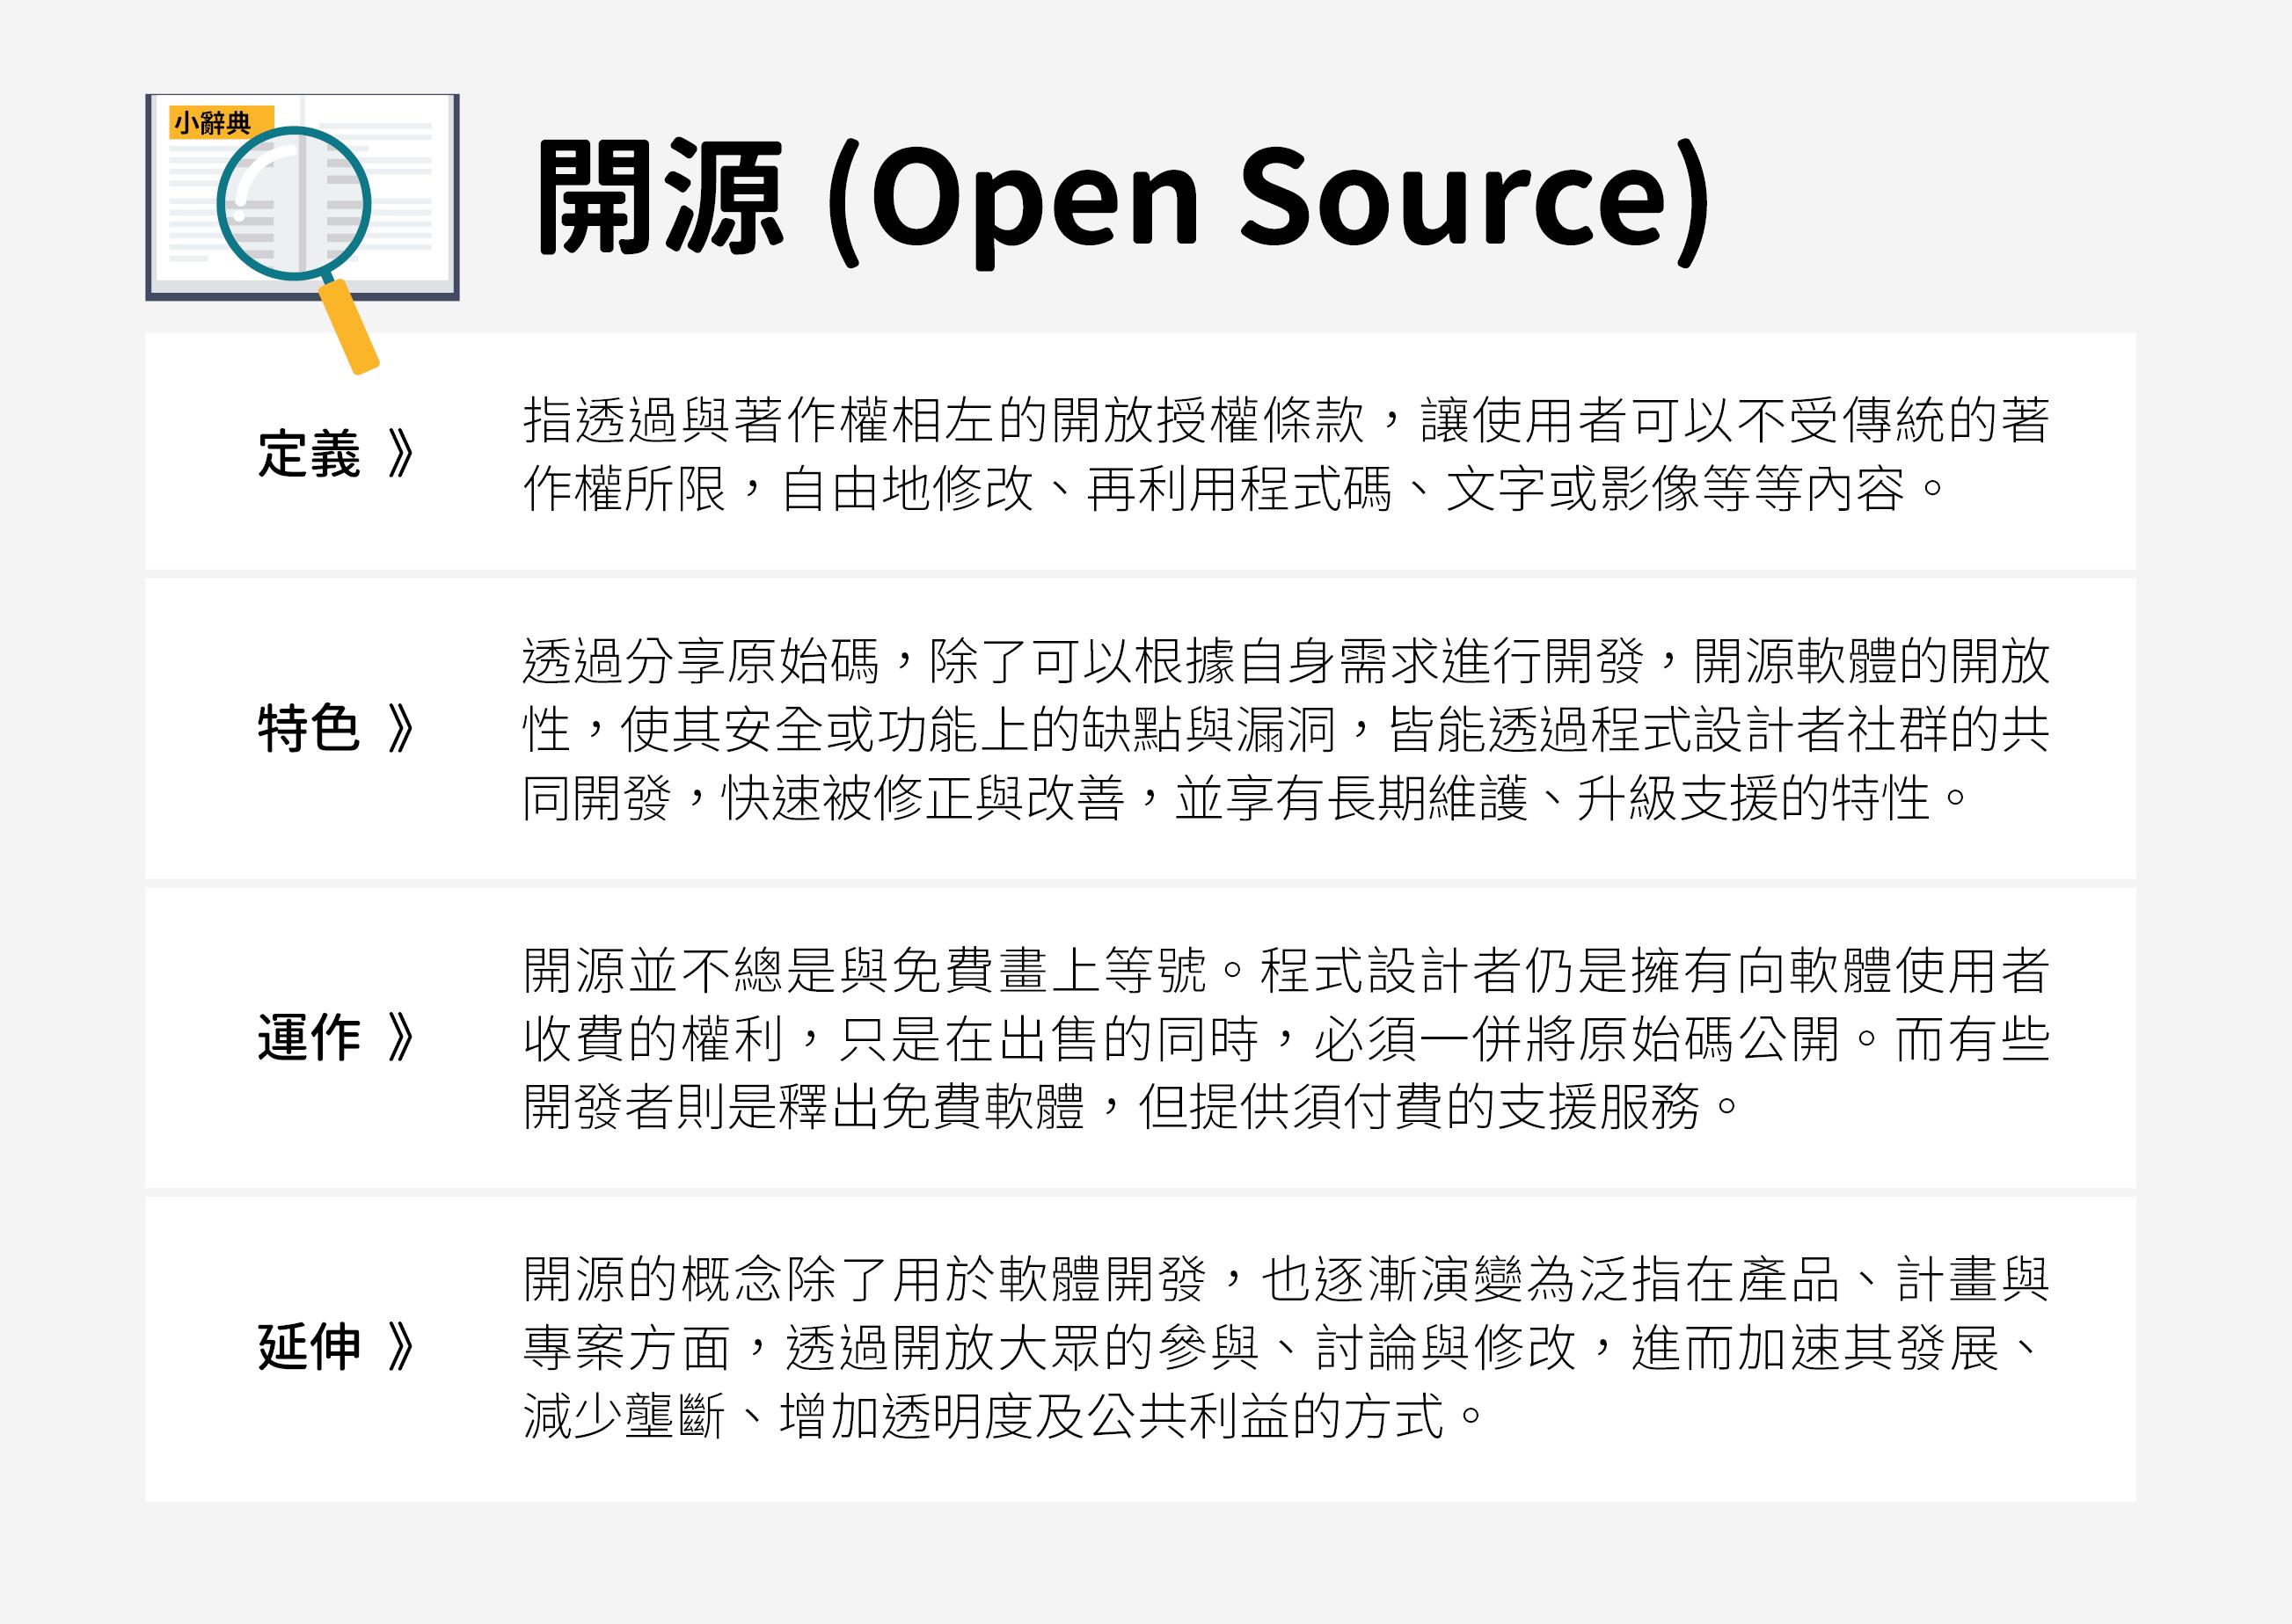 開源的定義、特色、運作和延伸。